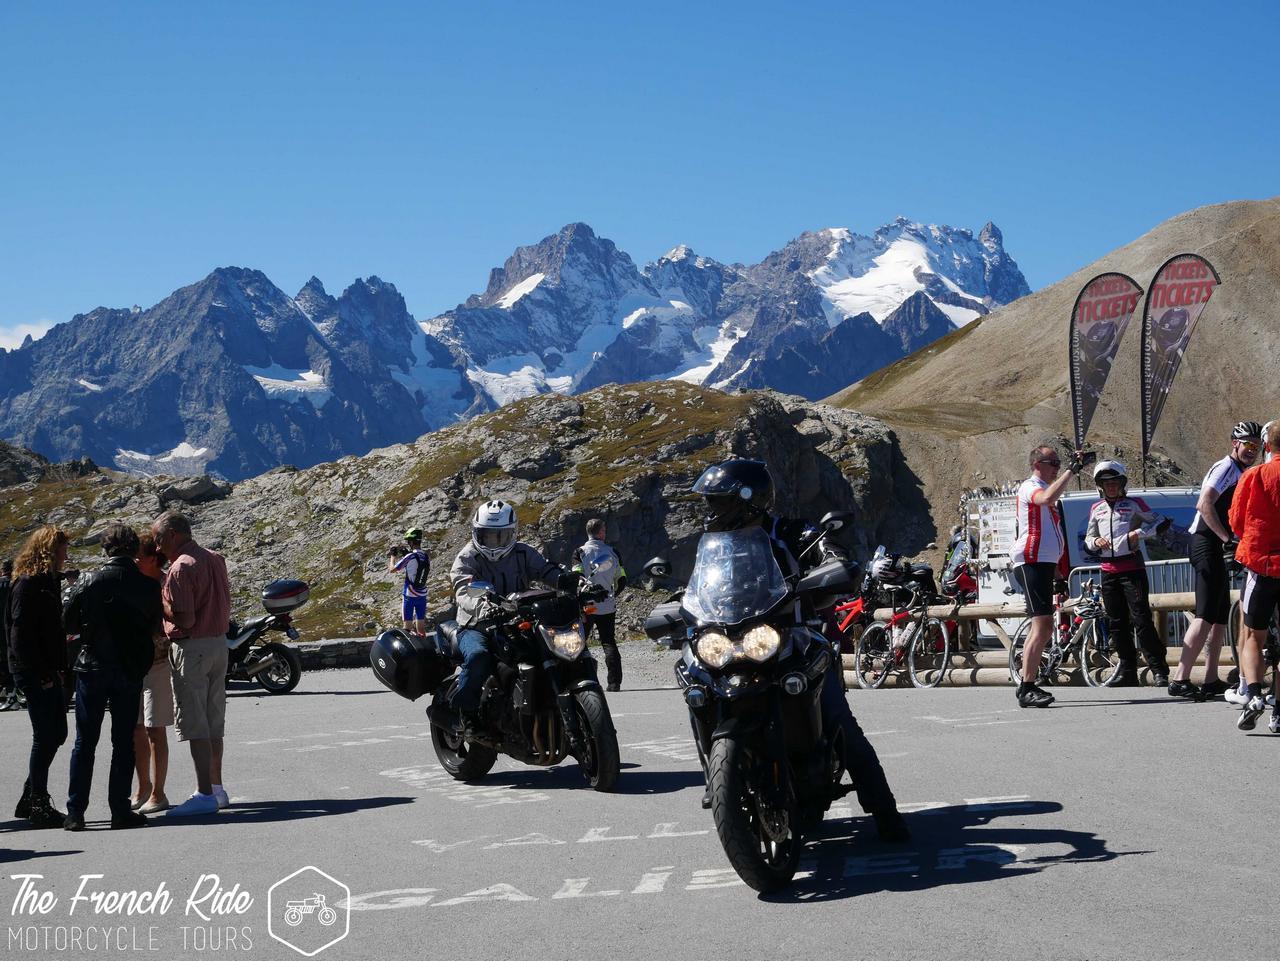 Balade, road-trip et voyage moto en France, Suisse, Italie, Espagne et Europe. Location moto à Aix-les-Bains, Savoie 73, Chambéry, Annecy, Genève et Alpes.